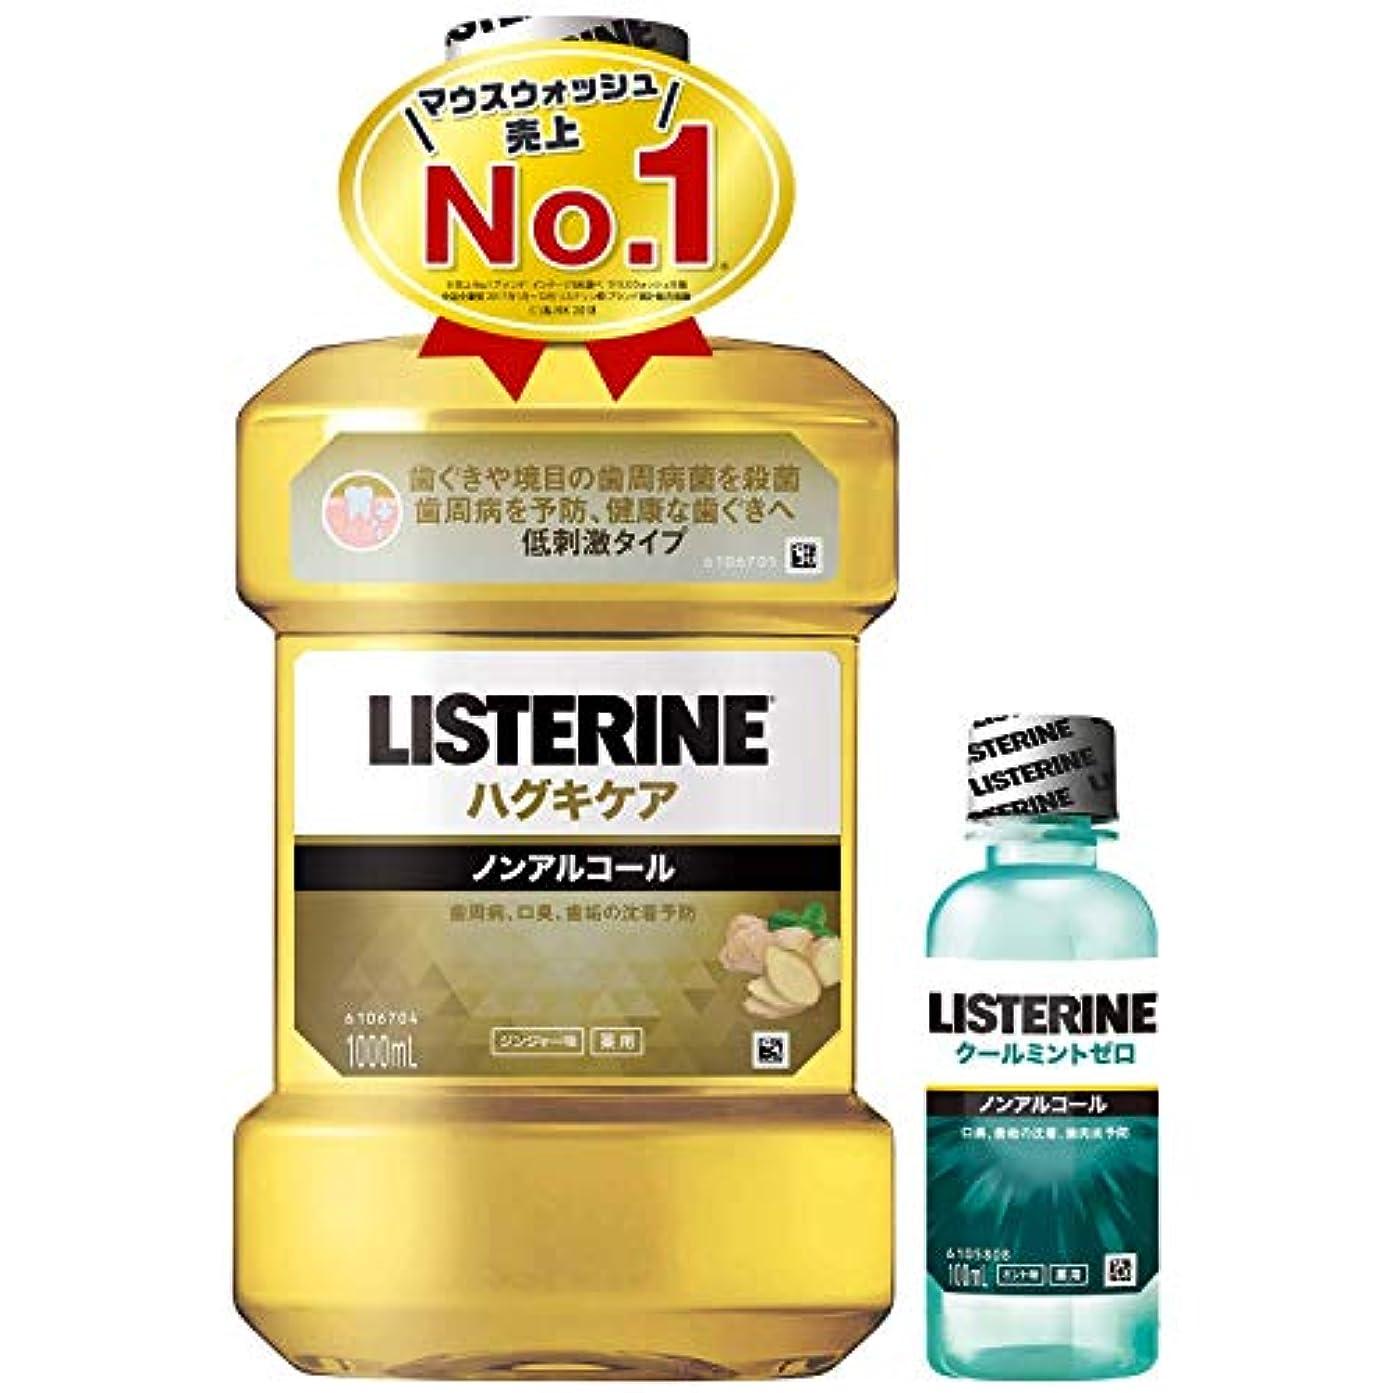 ピース放牧する期間[医薬部外品] 薬用 LISTERINE(リステリン) マウスウォッシュ ハグキケア 1000mL + おまけつき